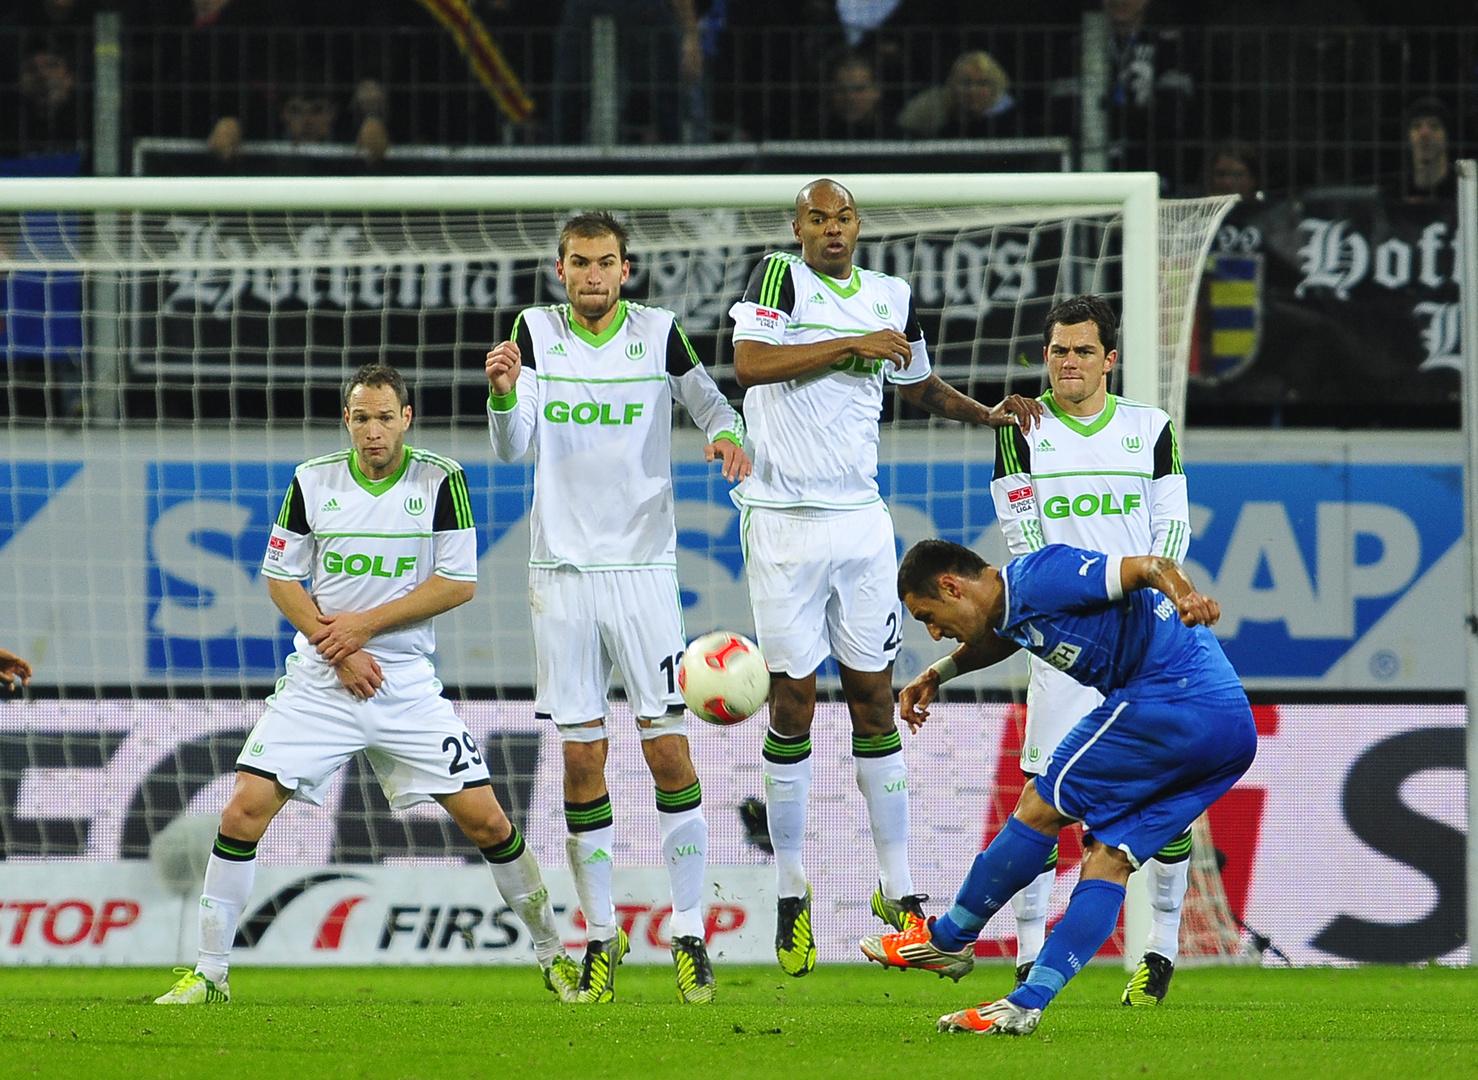 Fussball-Bundesliga